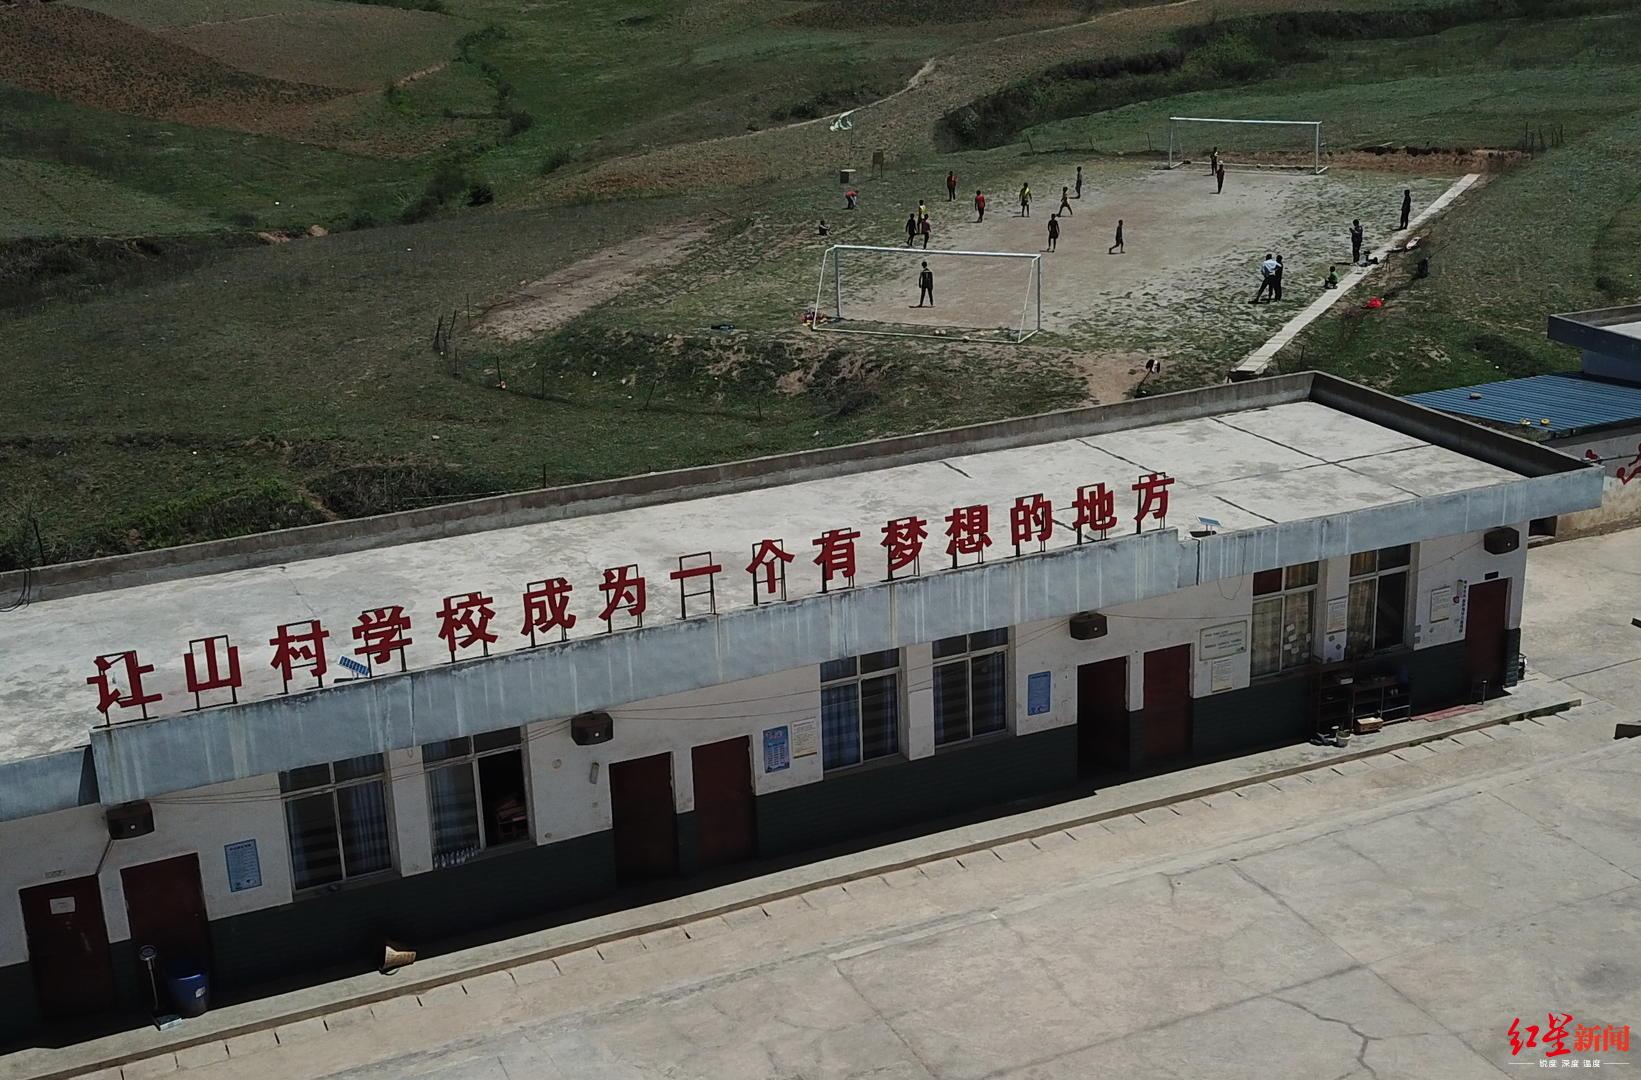 云端上的足球小将:围墙上画球门 曾站上中超赛场